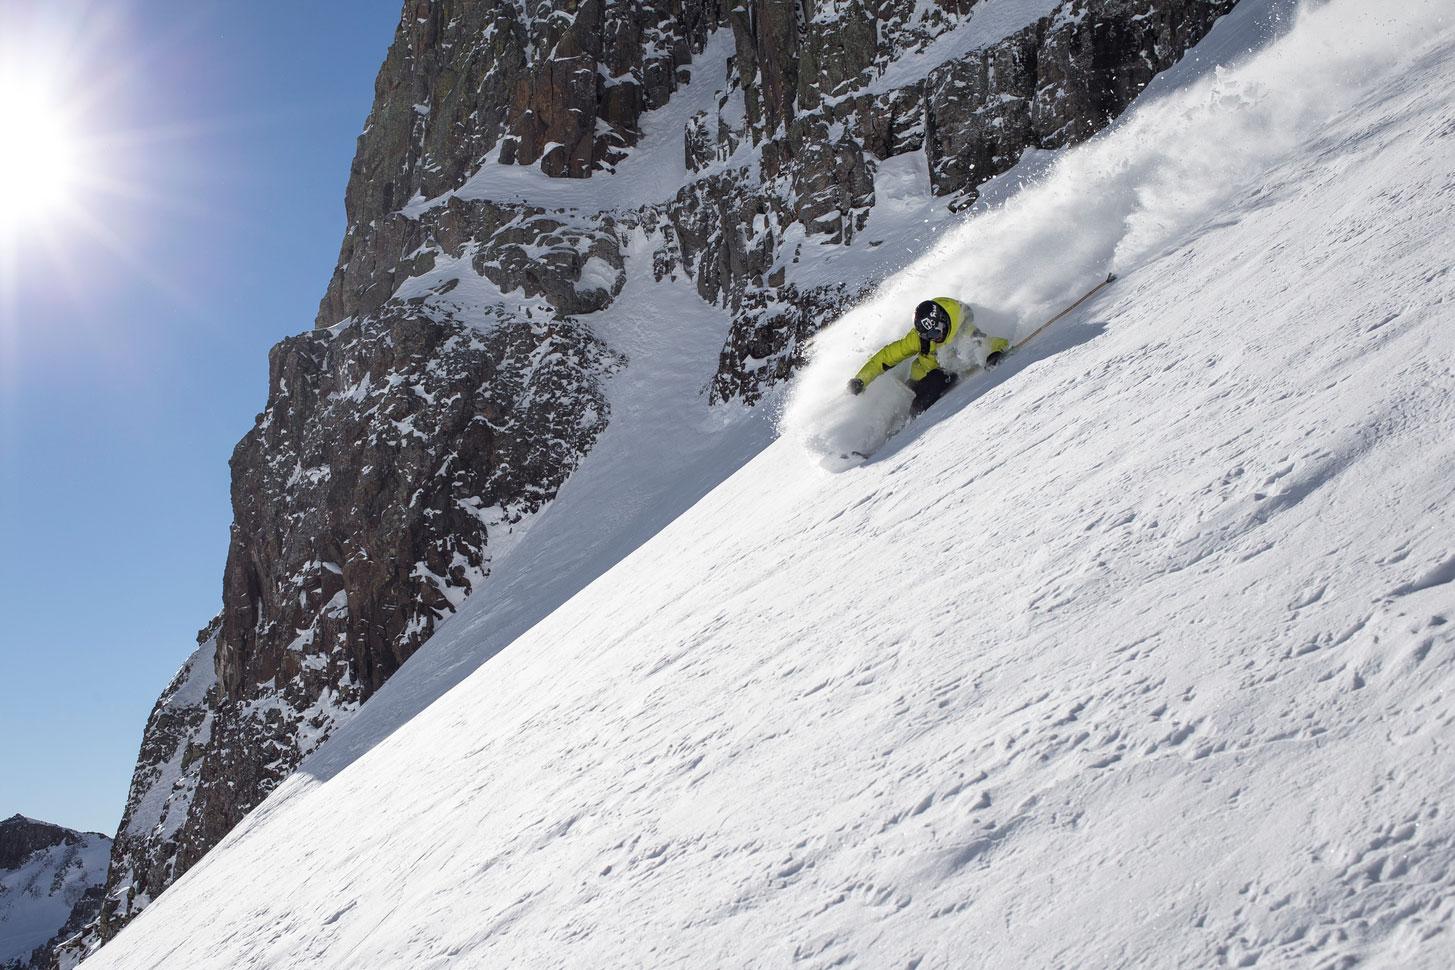 Julian Carr skier